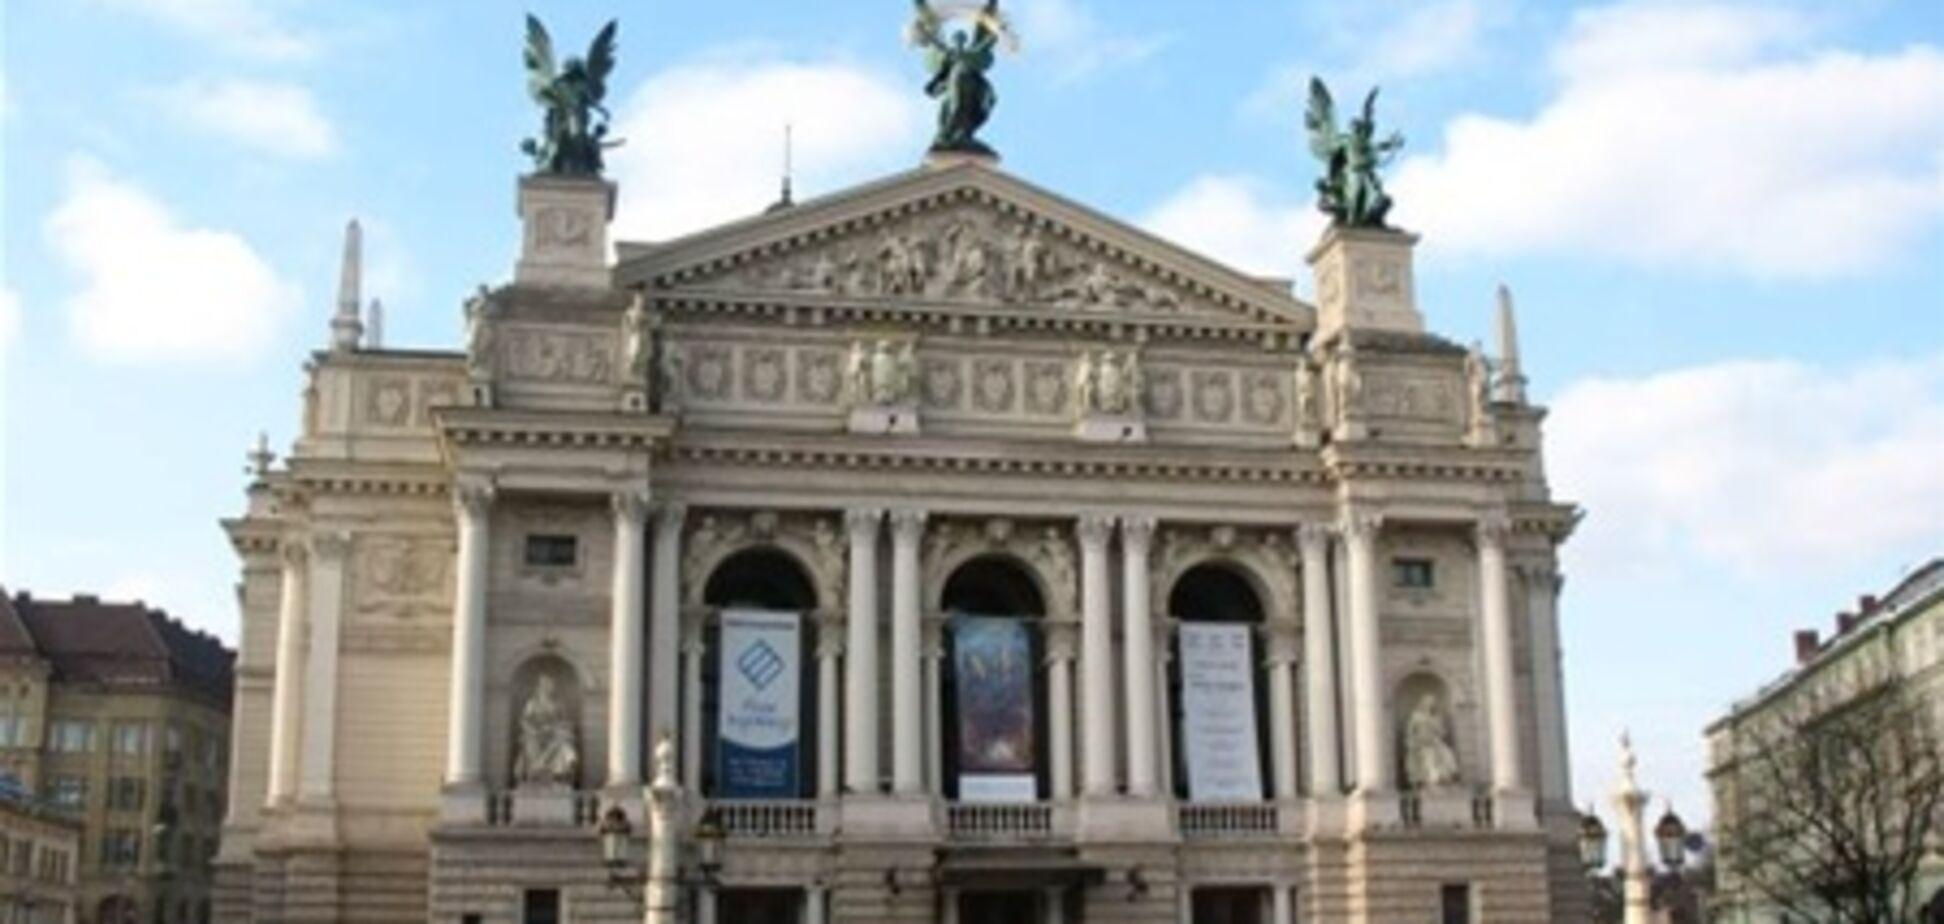 Львов назвали одним из десяти европейских городов будущего